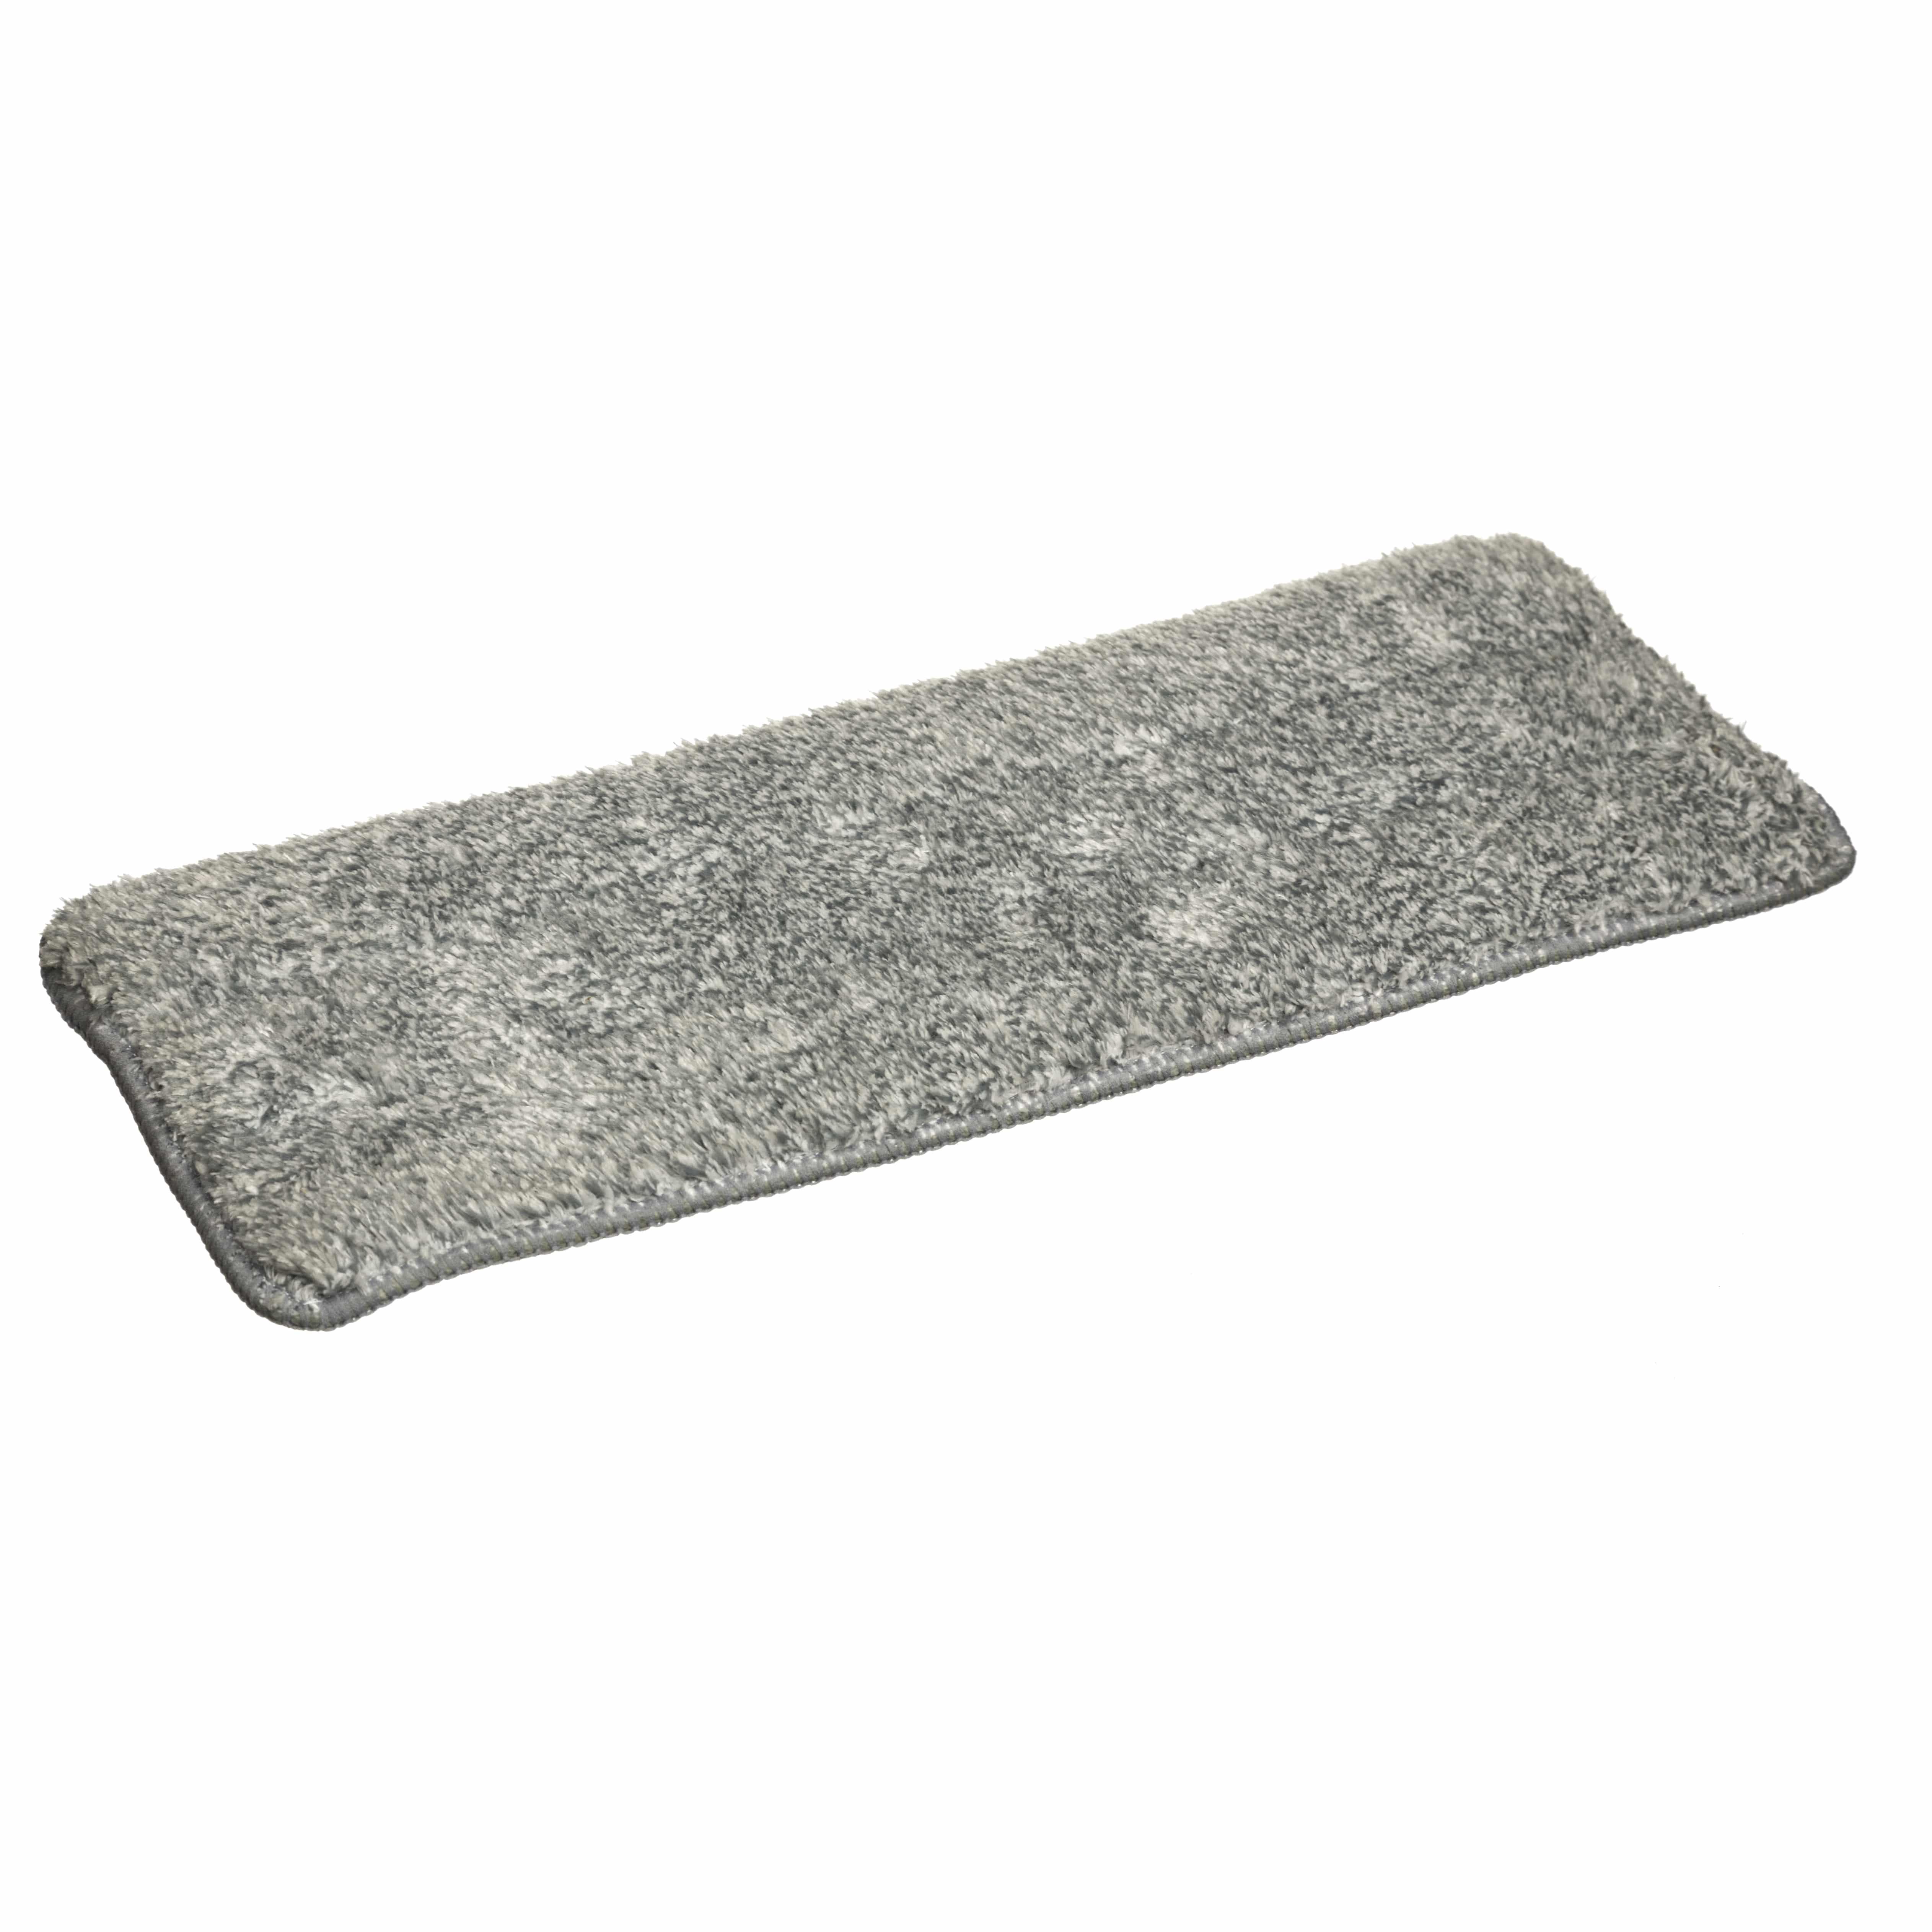 4goodz Flat Mop vervangings dweilen 2 stuks - 33,5x12,5cm